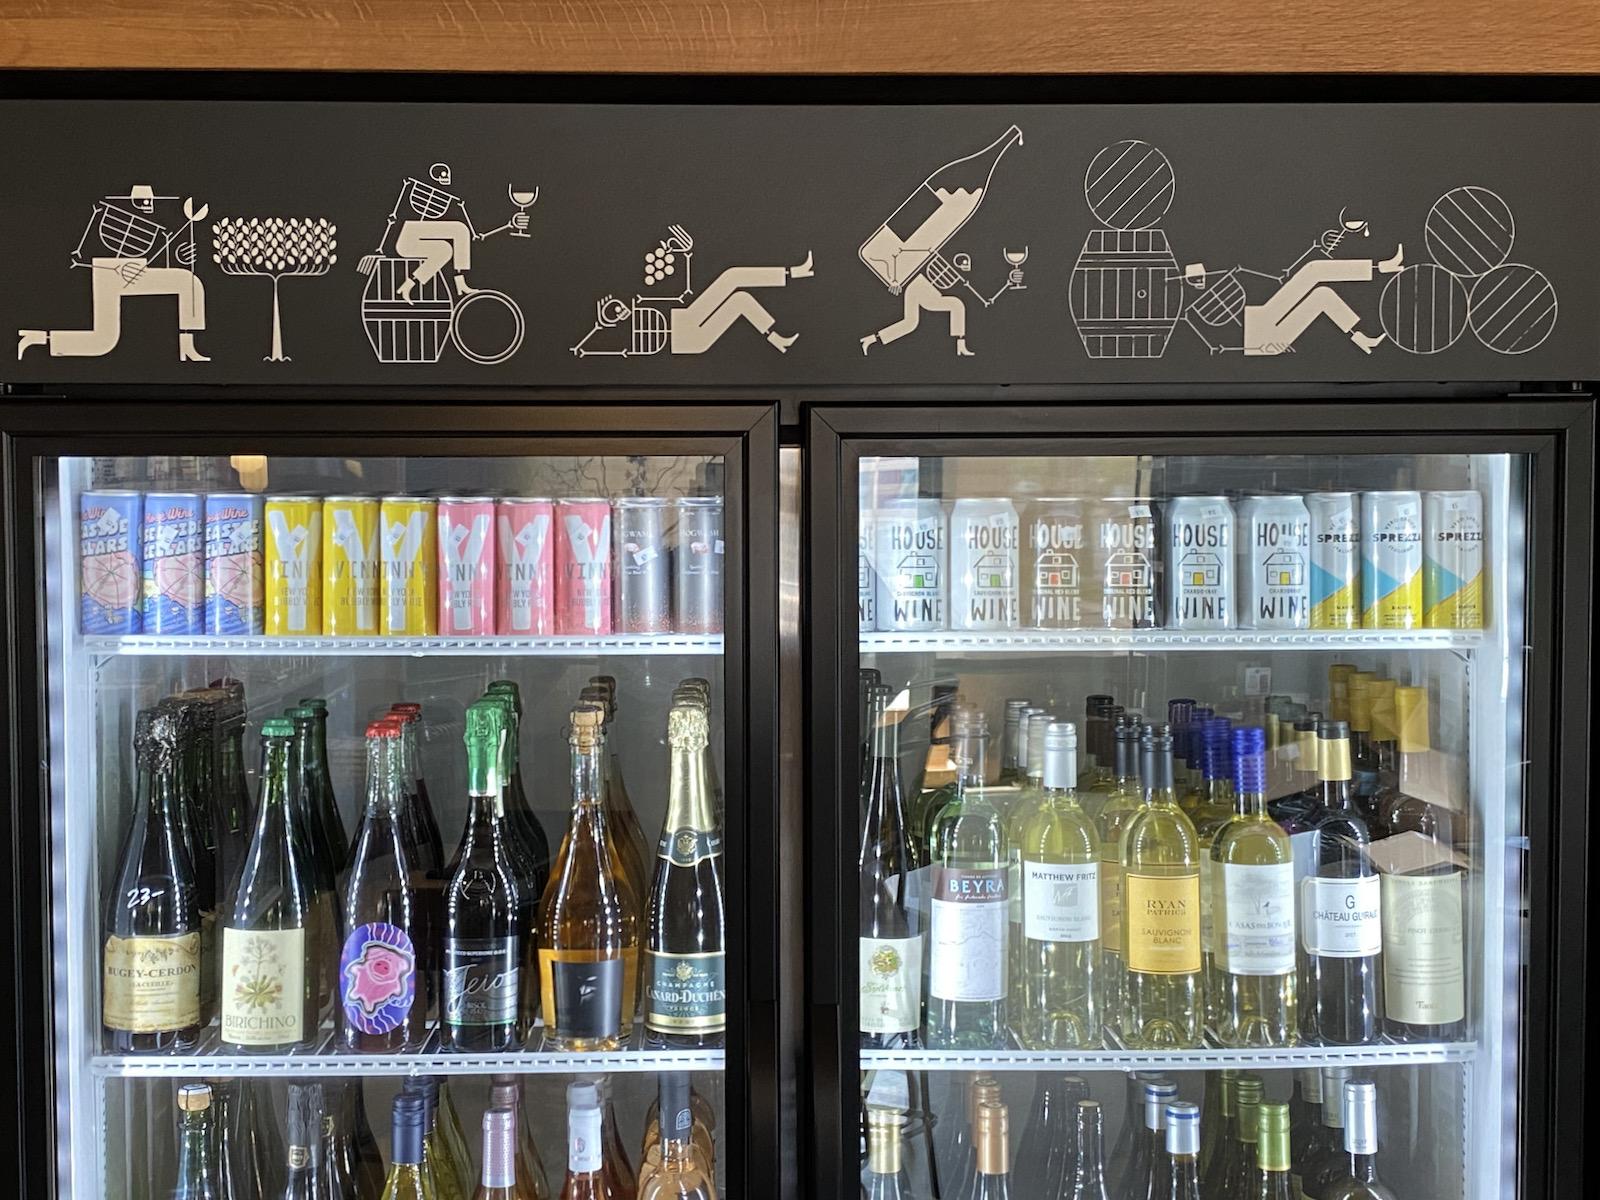 Skeleton brand elements on a wine cooler